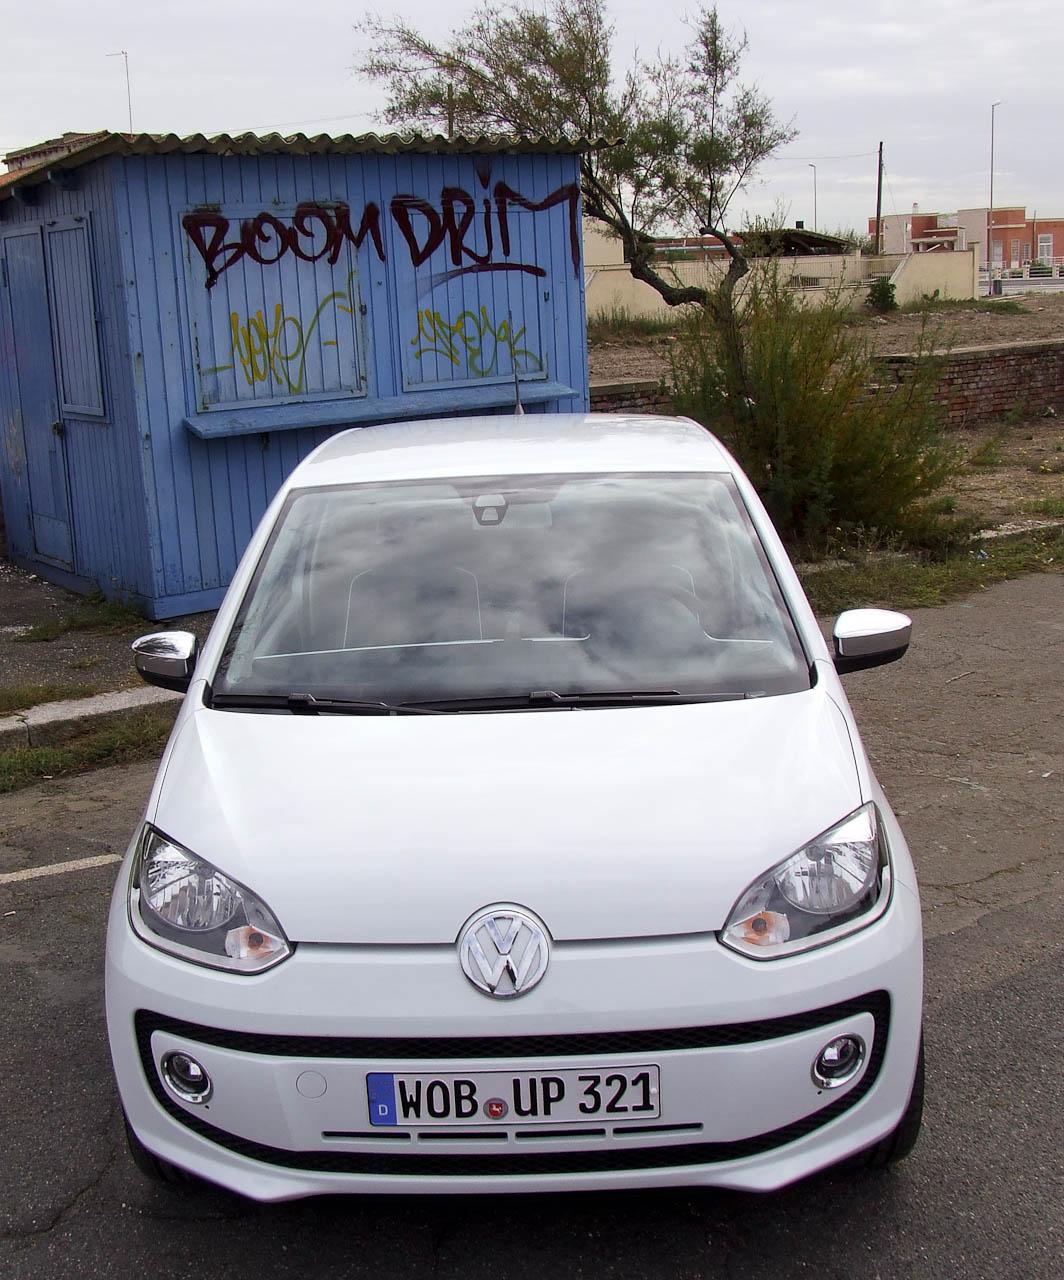 Városi autó az ő természetes közegében. Segítség, eltaposnak!